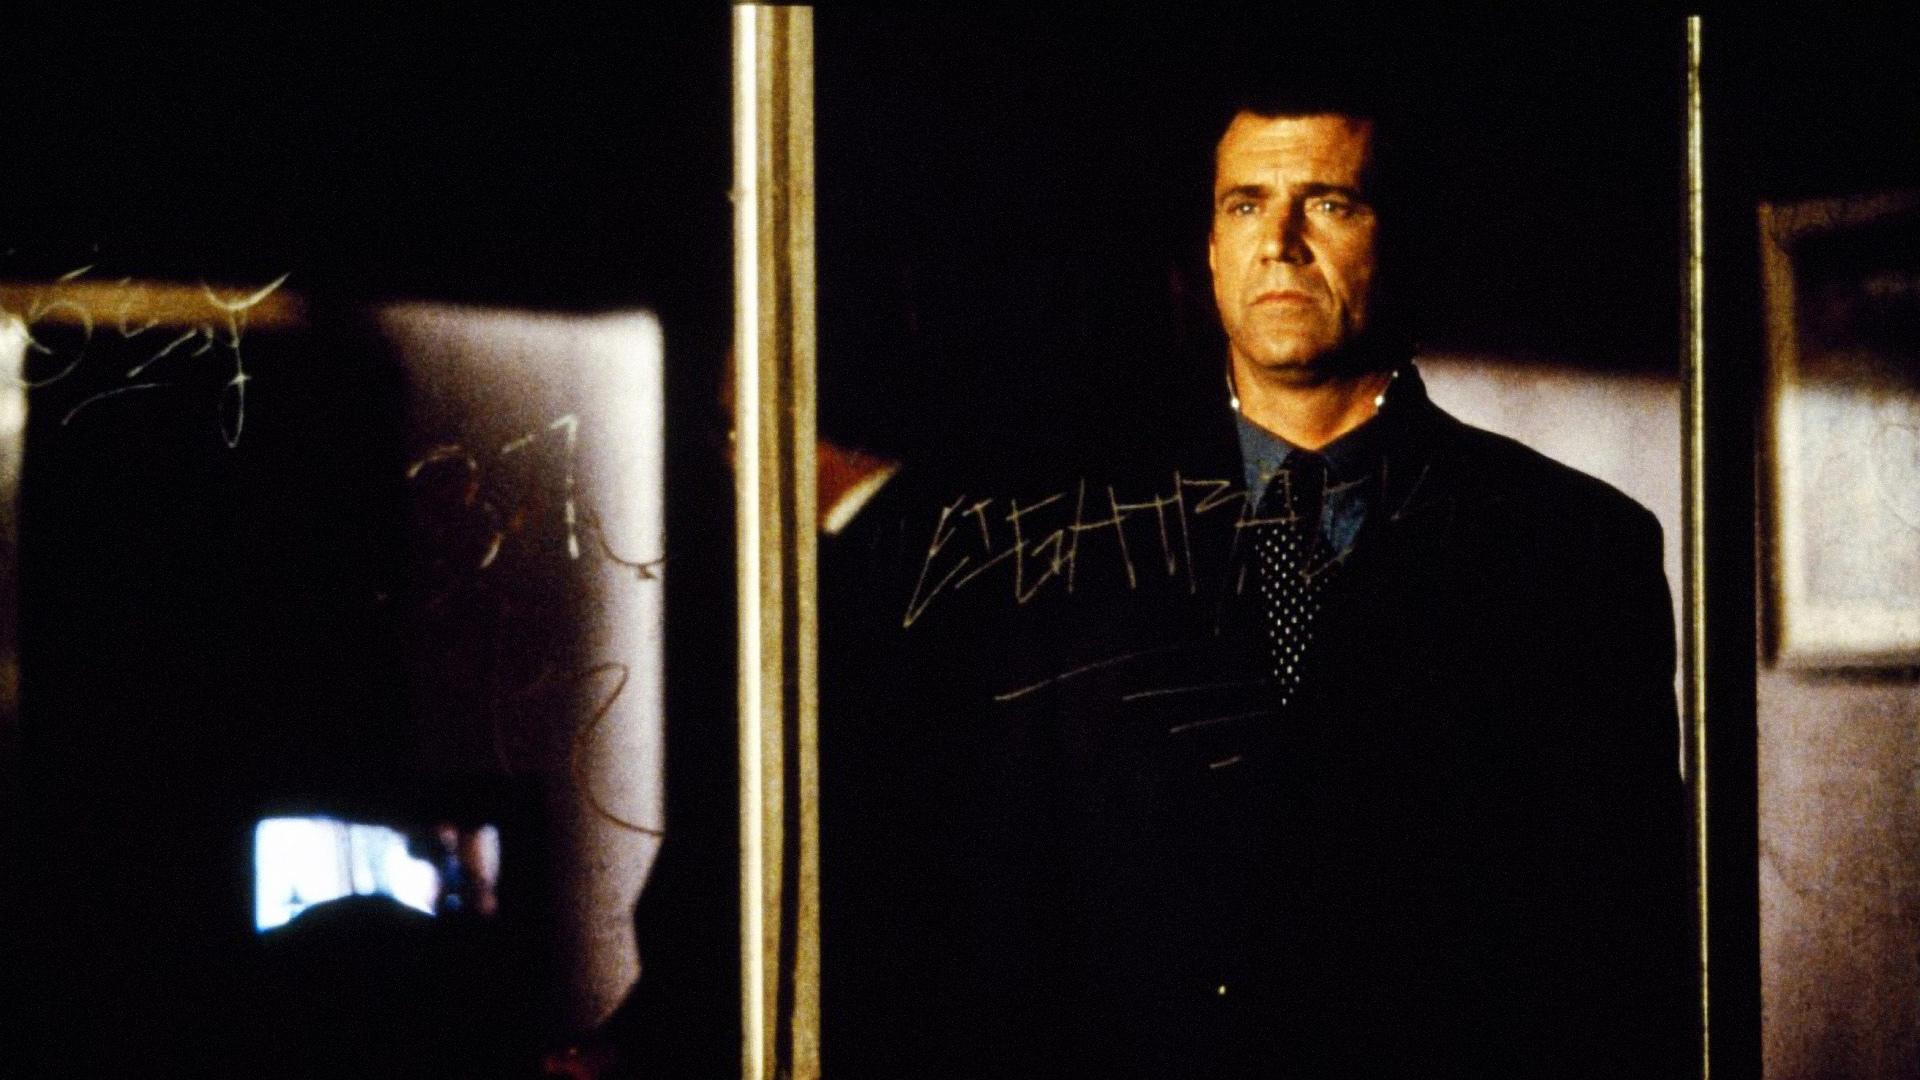 Investigating detective J.B. Skinner (Mel Gibson) in The Million Dollar Hotel (2000)